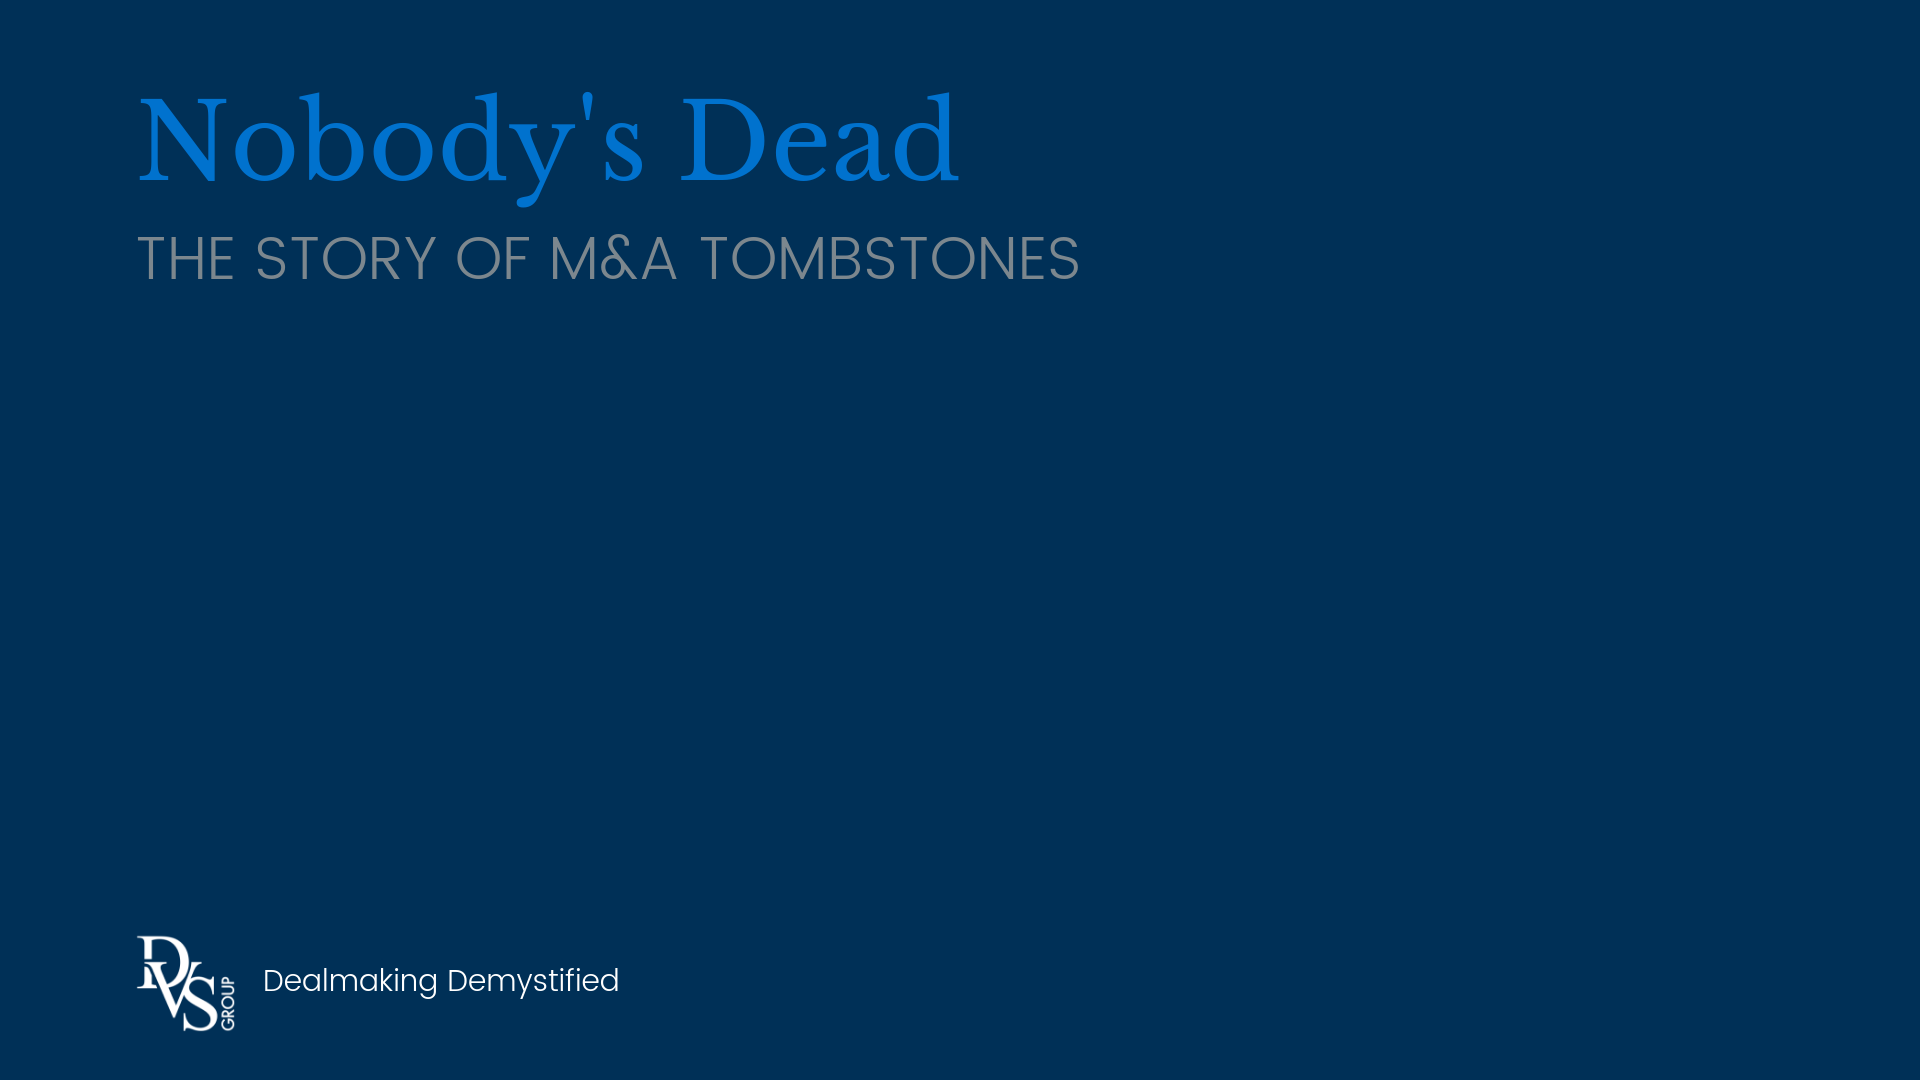 M&A Tombstones